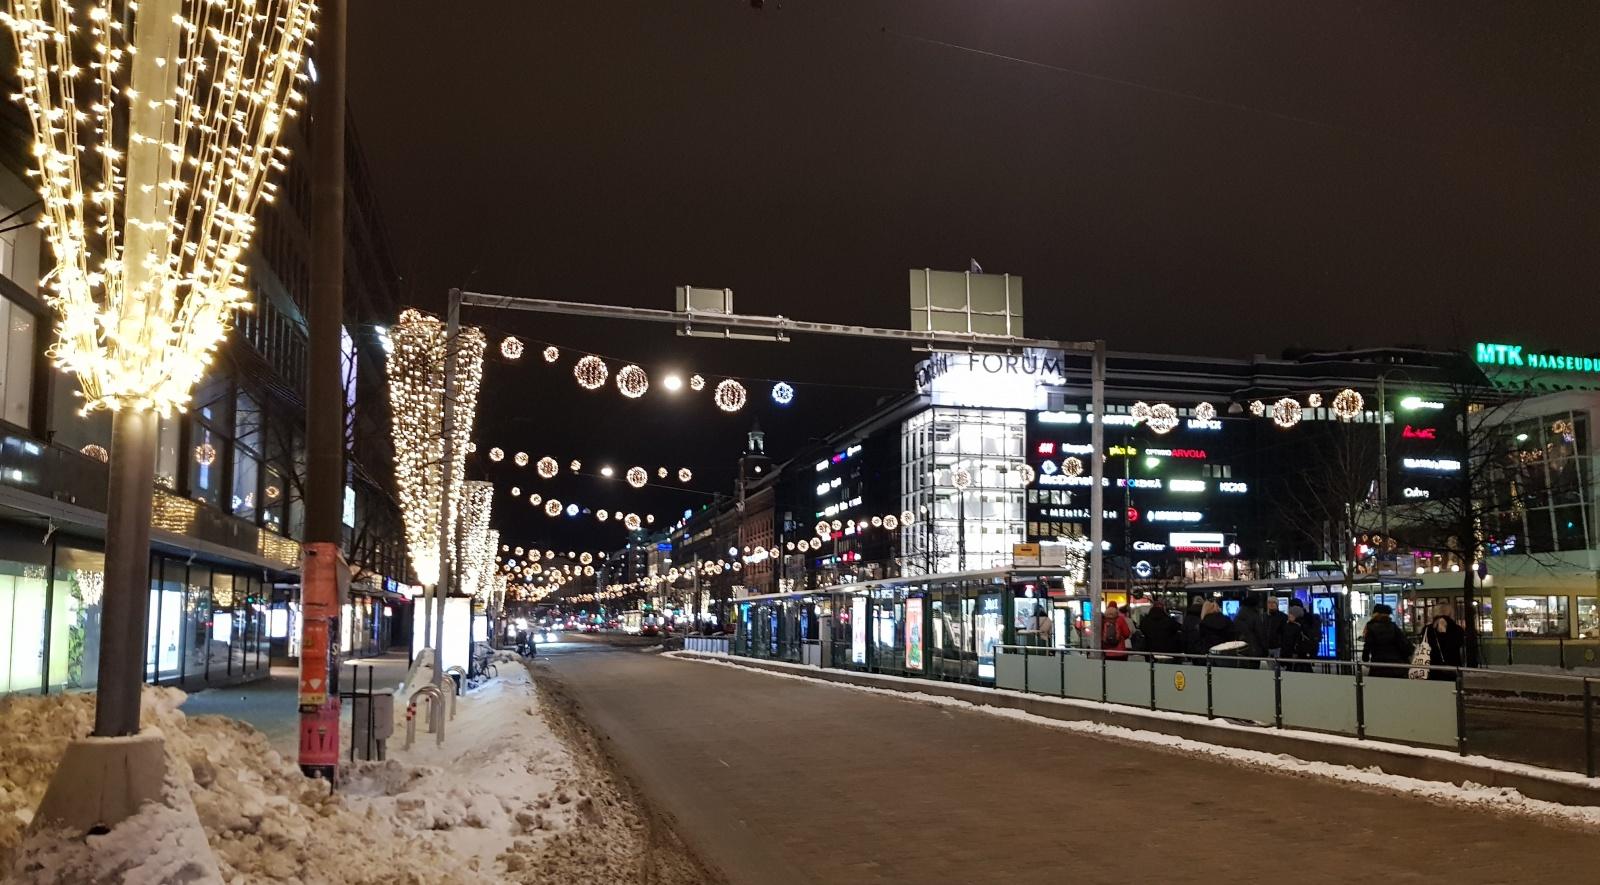 Хельсинки. Как найти работу в финской игровой индустрии, начать работать без разрешения и не нарушить российские законы - 2